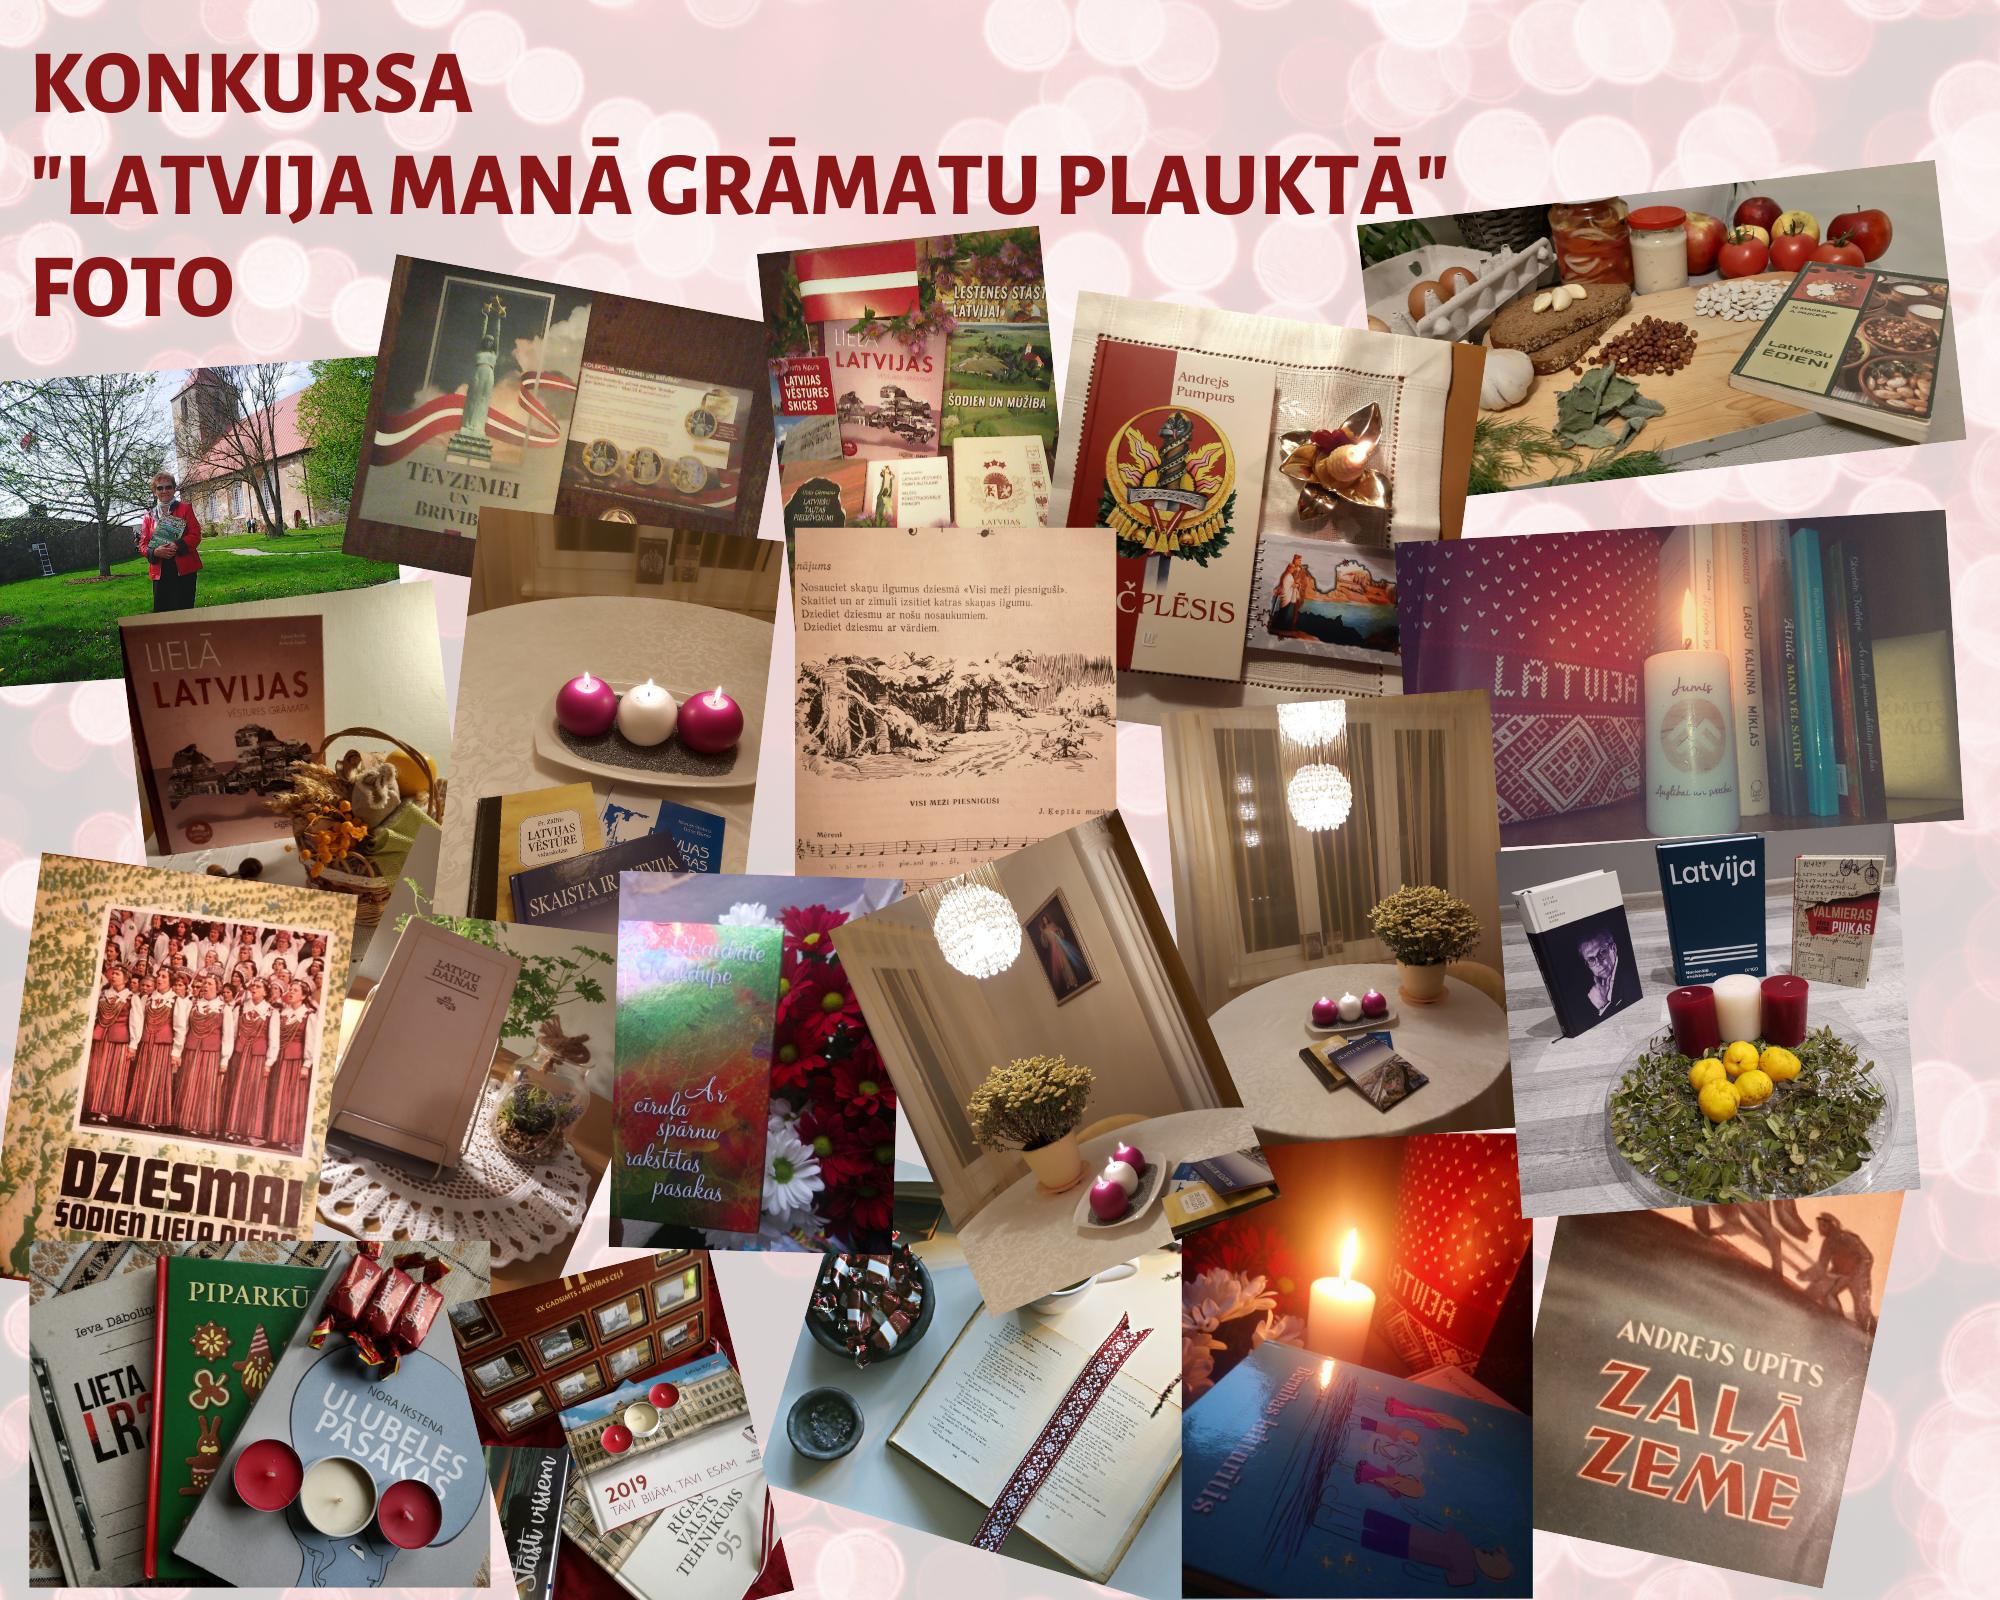 """Konkursa """"Latvija Manā Grāmatu Plauktā"""" Balsošana Ir Sākusies!"""